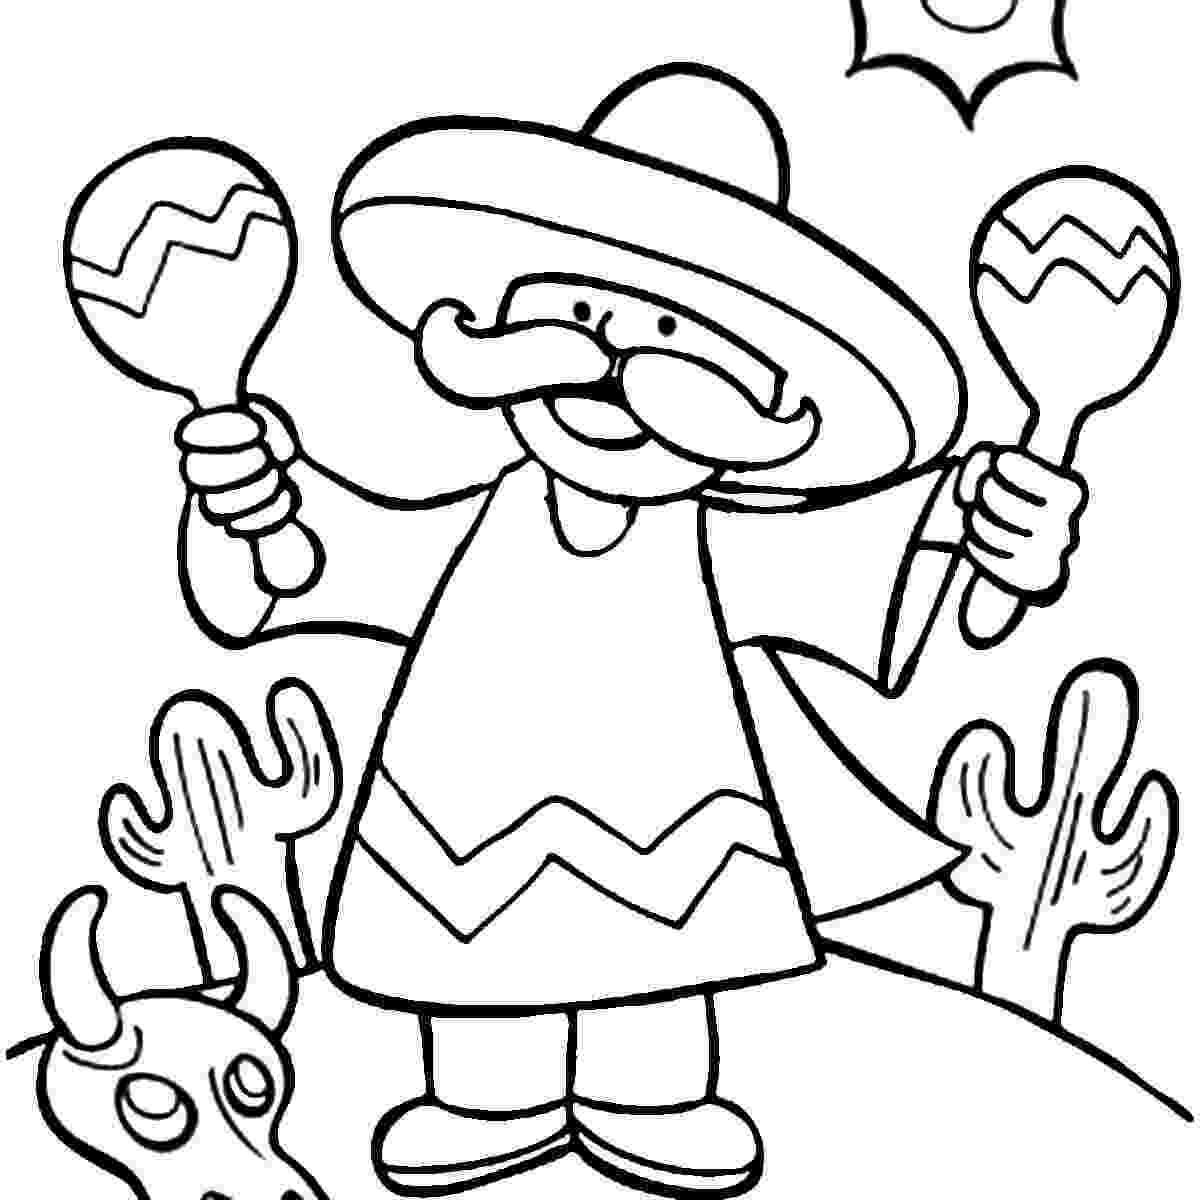 cinco de mayo color pages cinco de mayo coloring pages best coloring pages for kids color pages cinco mayo de